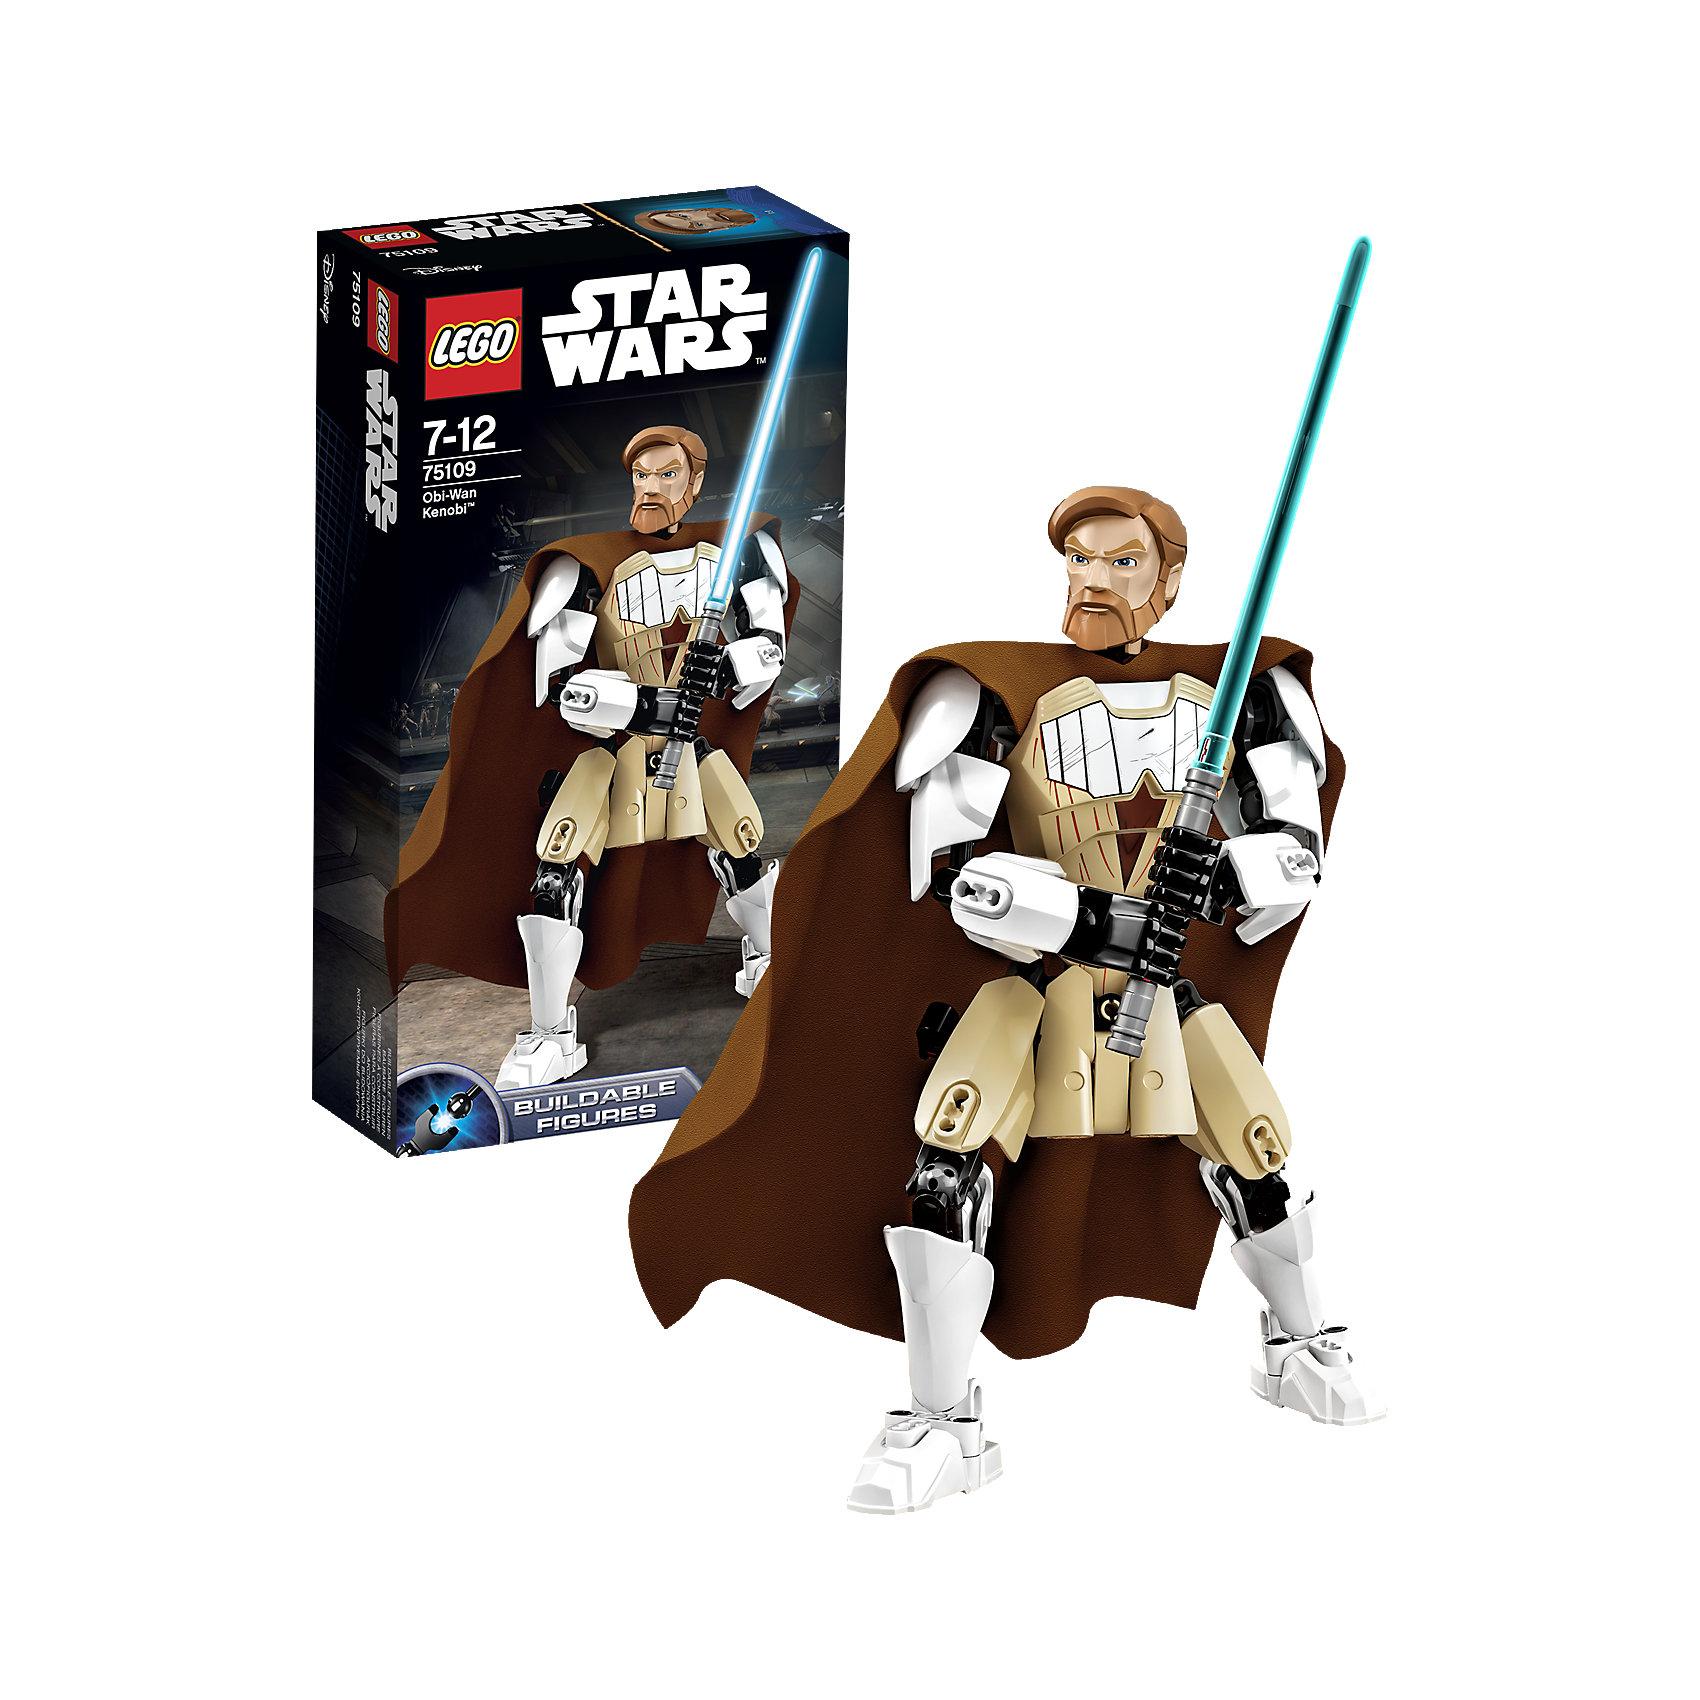 LEGO Star Wars 75109: Оби-Ван КенобиКонструктор LEGO Star Wars (ЛЕГО Звездные войны) 75109: Constraction 3 - это набор с помощью которого Вы с легкостью соберете подвижную фигурку Оби-Ван Кеноби. Он был мудрым джедаем, который всегда сохранял хладнокровие и чувство юмора. Оби-Ван Кеноби был генералом и верно служил Республике. Именно он взялся обучать молодого Энакина Скайуокера. На нем характерный коричневый плащ, а в руках световой меч. Собери все фигурки и разыграй знаменитые сцены из саги или почувствуй себя сценаристом и создай собственную историю знаменитого эпизода! Подключайте фантазию и Вам никогда не будет скучно в компании LEGO (ЛЕГО)! <br><br>LEGO Star Wars (ЛЕГО Звездные войны) – это тематическая серия детских развивающих конструкторов по мотивам приключенческого мультфильма 2014 года «Звездные войны: Повстанцы». Ребенок сможет часами играть с конструктором, придумывая различные ситуации и истории из любимого мультфильма. В процессе игры с конструктором дети приобретают и постигают такие необходимые навыки как познание, творчество, воображение. Большое количество дополнительных элементов делает игровые сюжеты по-настоящему захватывающими и реалистичными. Все наборы ЛЕГО Звездные Войны соответствуют самым высоким европейским стандартам качества и абсолютно безопасны.<br><br>Дополнительная информация:<br><br>- Игра с конструктором  LEGO (ЛЕГО) развивает мелкую моторику ребенка, фантазию и воображение, учит его усидчивости и внимательности;<br>- Количество деталей: 83 шт;<br>- Подвижная фигурка с оружием;<br>- Серия: LEGO Star Wars (ЛЕГО Звездные войны);<br>- Материал: высококачественный пластик.<br><br>Конструктор LEGO Star Wars (ЛЕГО Звездные войны) 75109: Constraction 3 можно купить в нашем интернет-магазине.<br><br>Ширина мм: 264<br>Глубина мм: 144<br>Высота мм: 66<br>Вес г: 230<br>Возраст от месяцев: 84<br>Возраст до месяцев: 144<br>Пол: Мужской<br>Возраст: Детский<br>SKU: 4047418